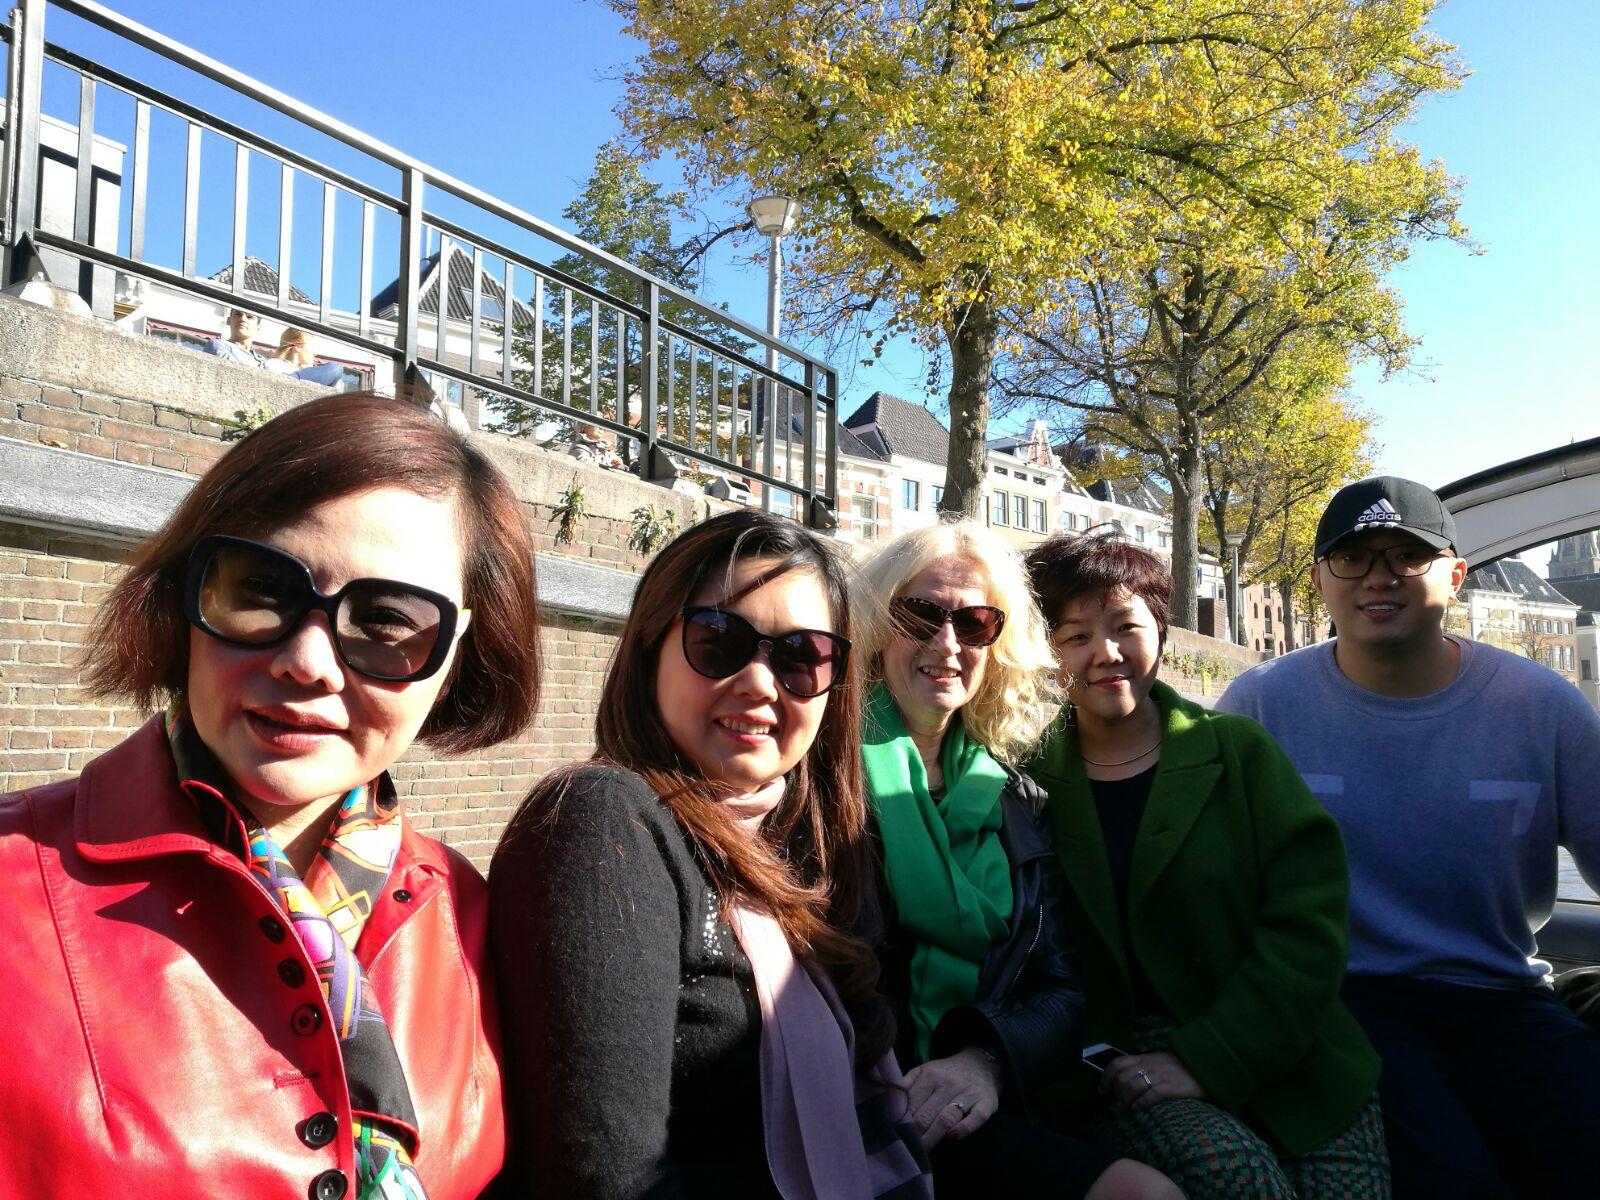 Bood tocht met de vrouwen die vorig jaar naar China zijn geweest